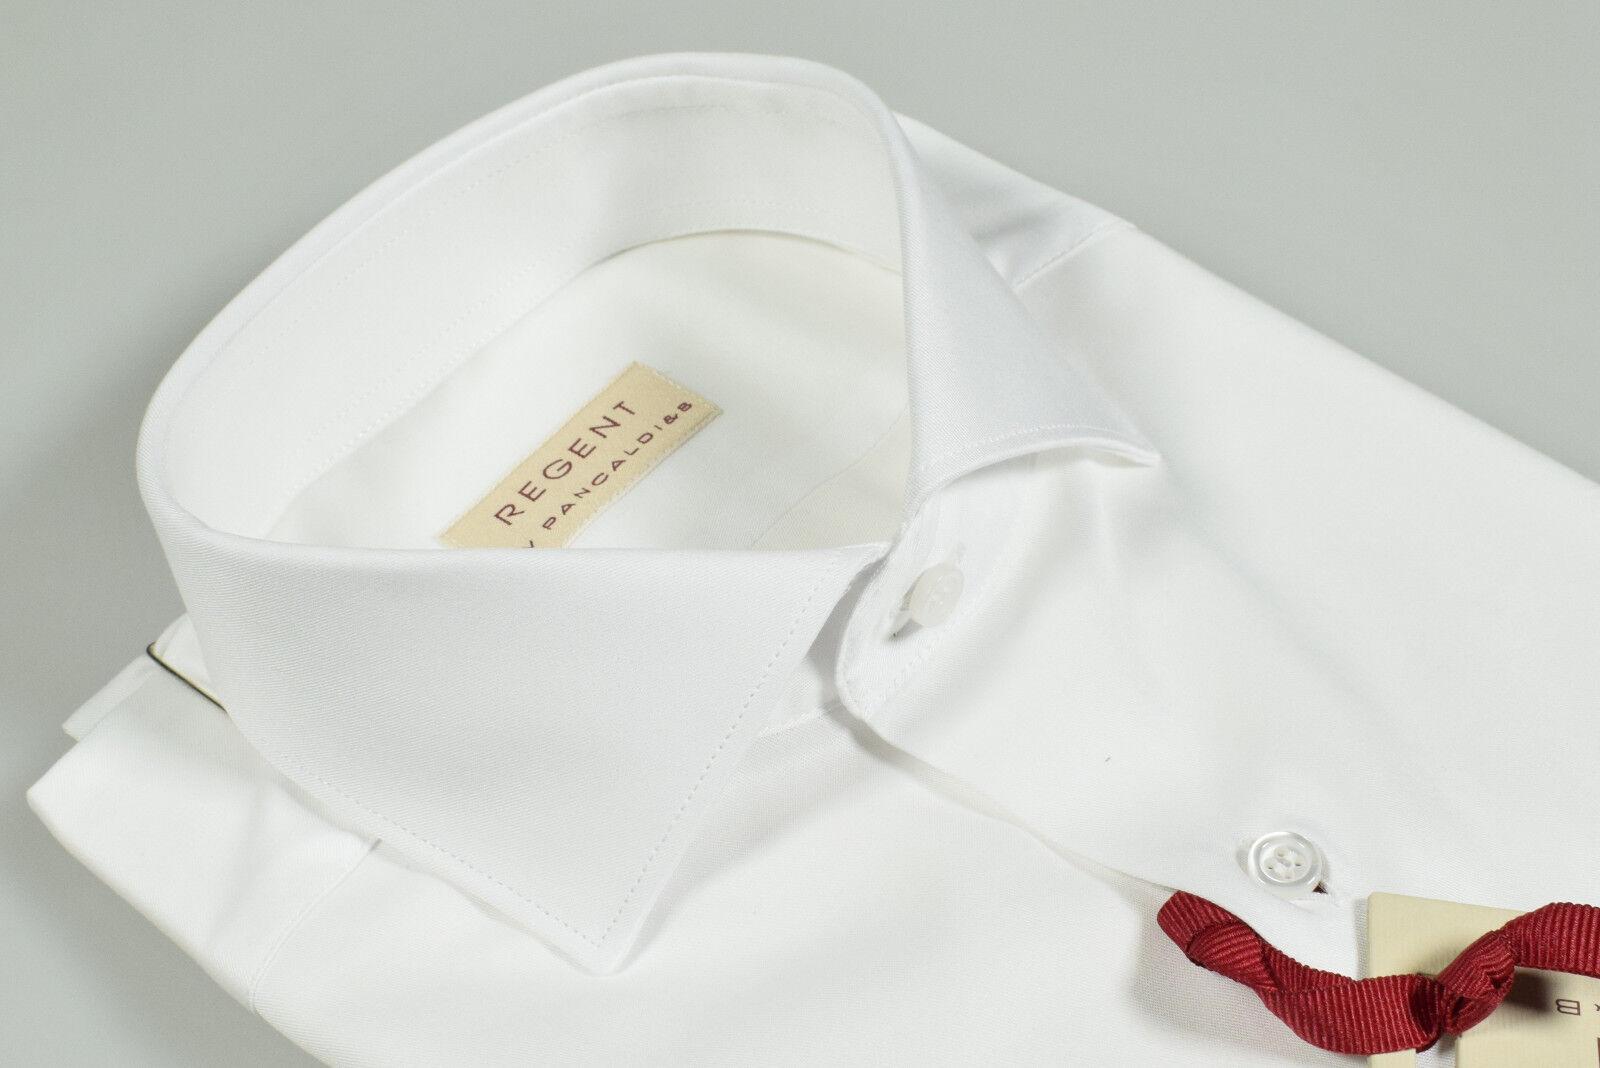 Camicia Bianca Regent by Pancaldi Slim Fit collo alla Francese Cotone Twill